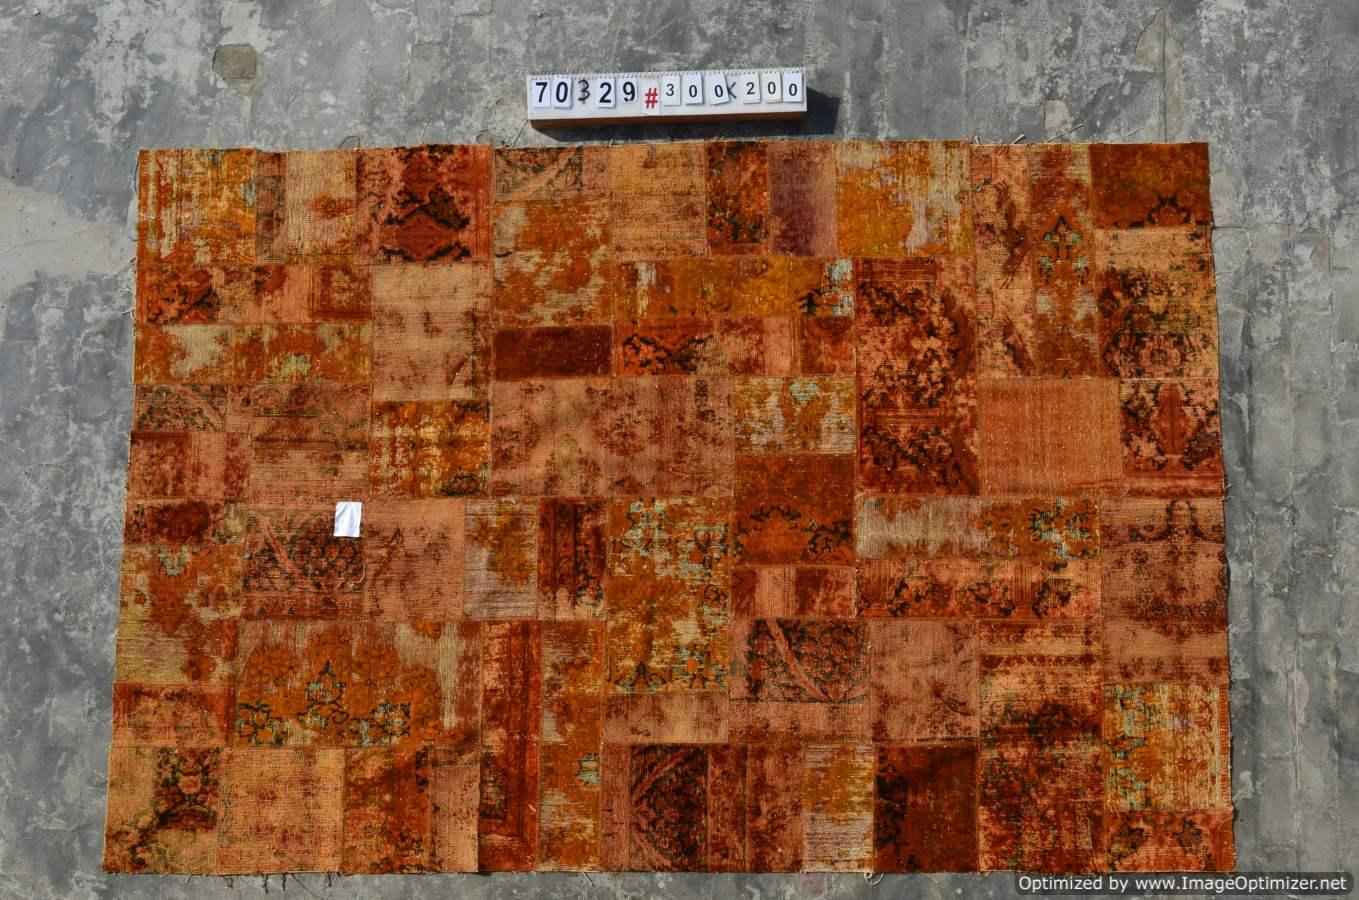 Patchwork vloerkleed uit Iran  70329  (300cm x 200cm) gemaakt vintage vloerkleden incl.onderkleed van katoen.